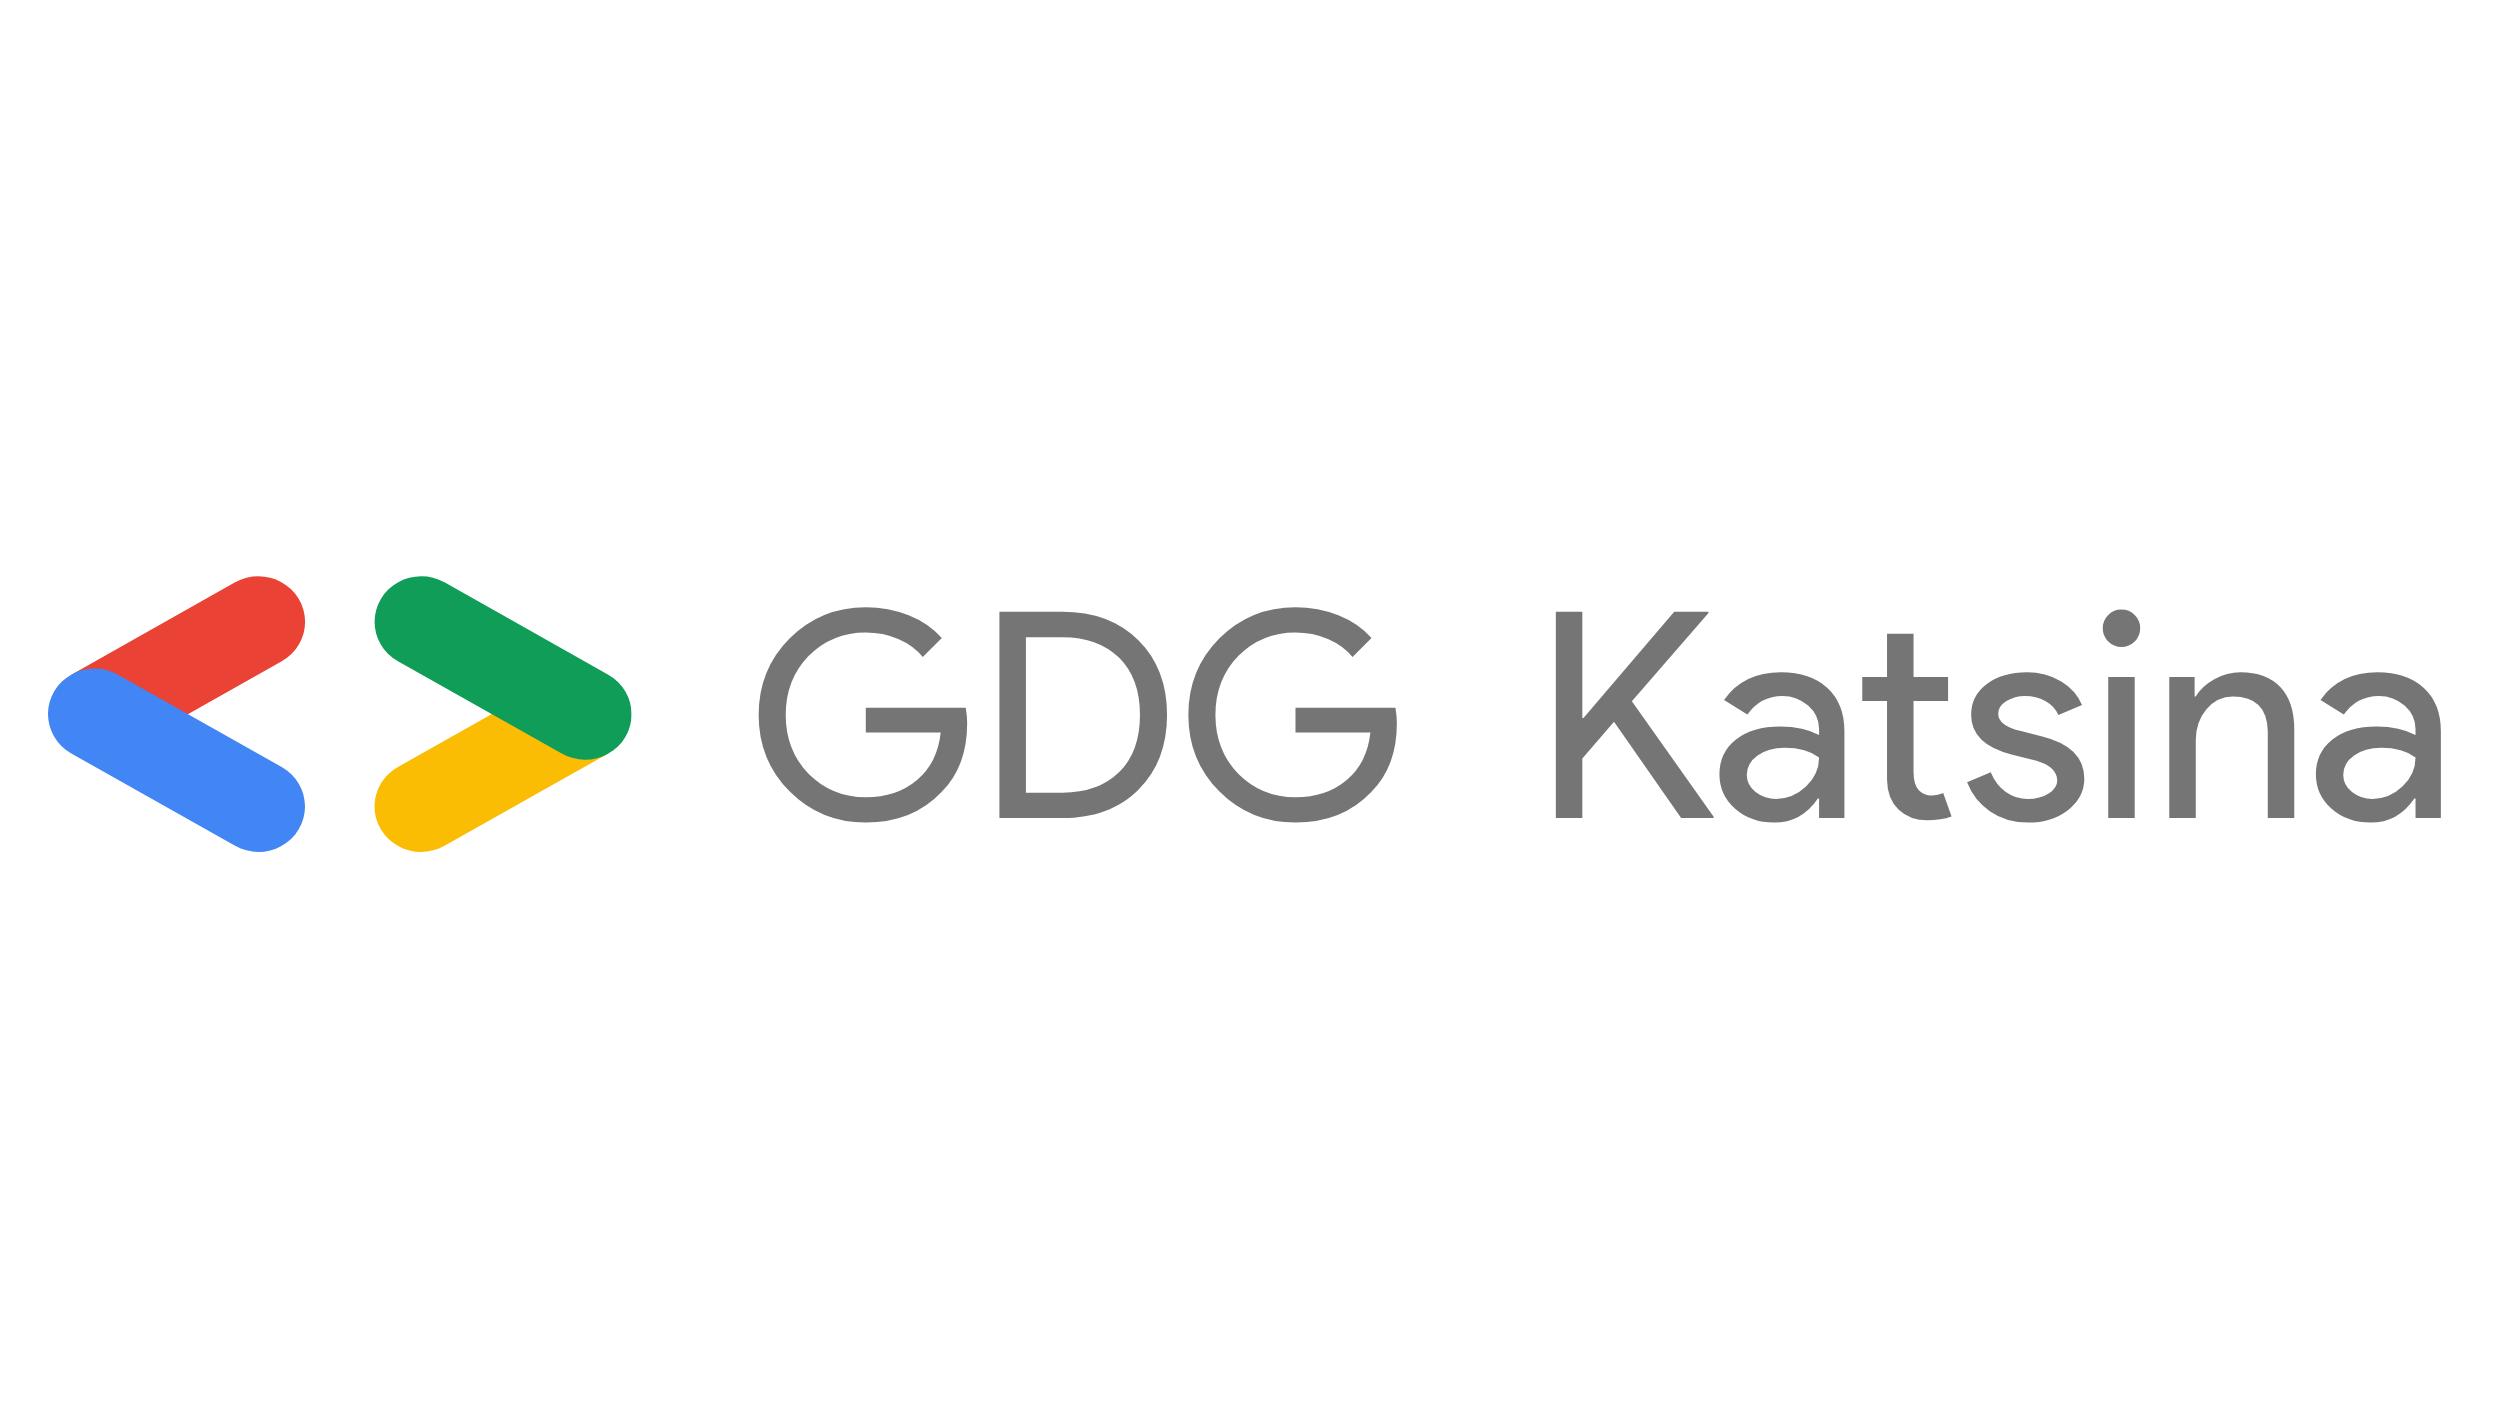 GDG Katsina